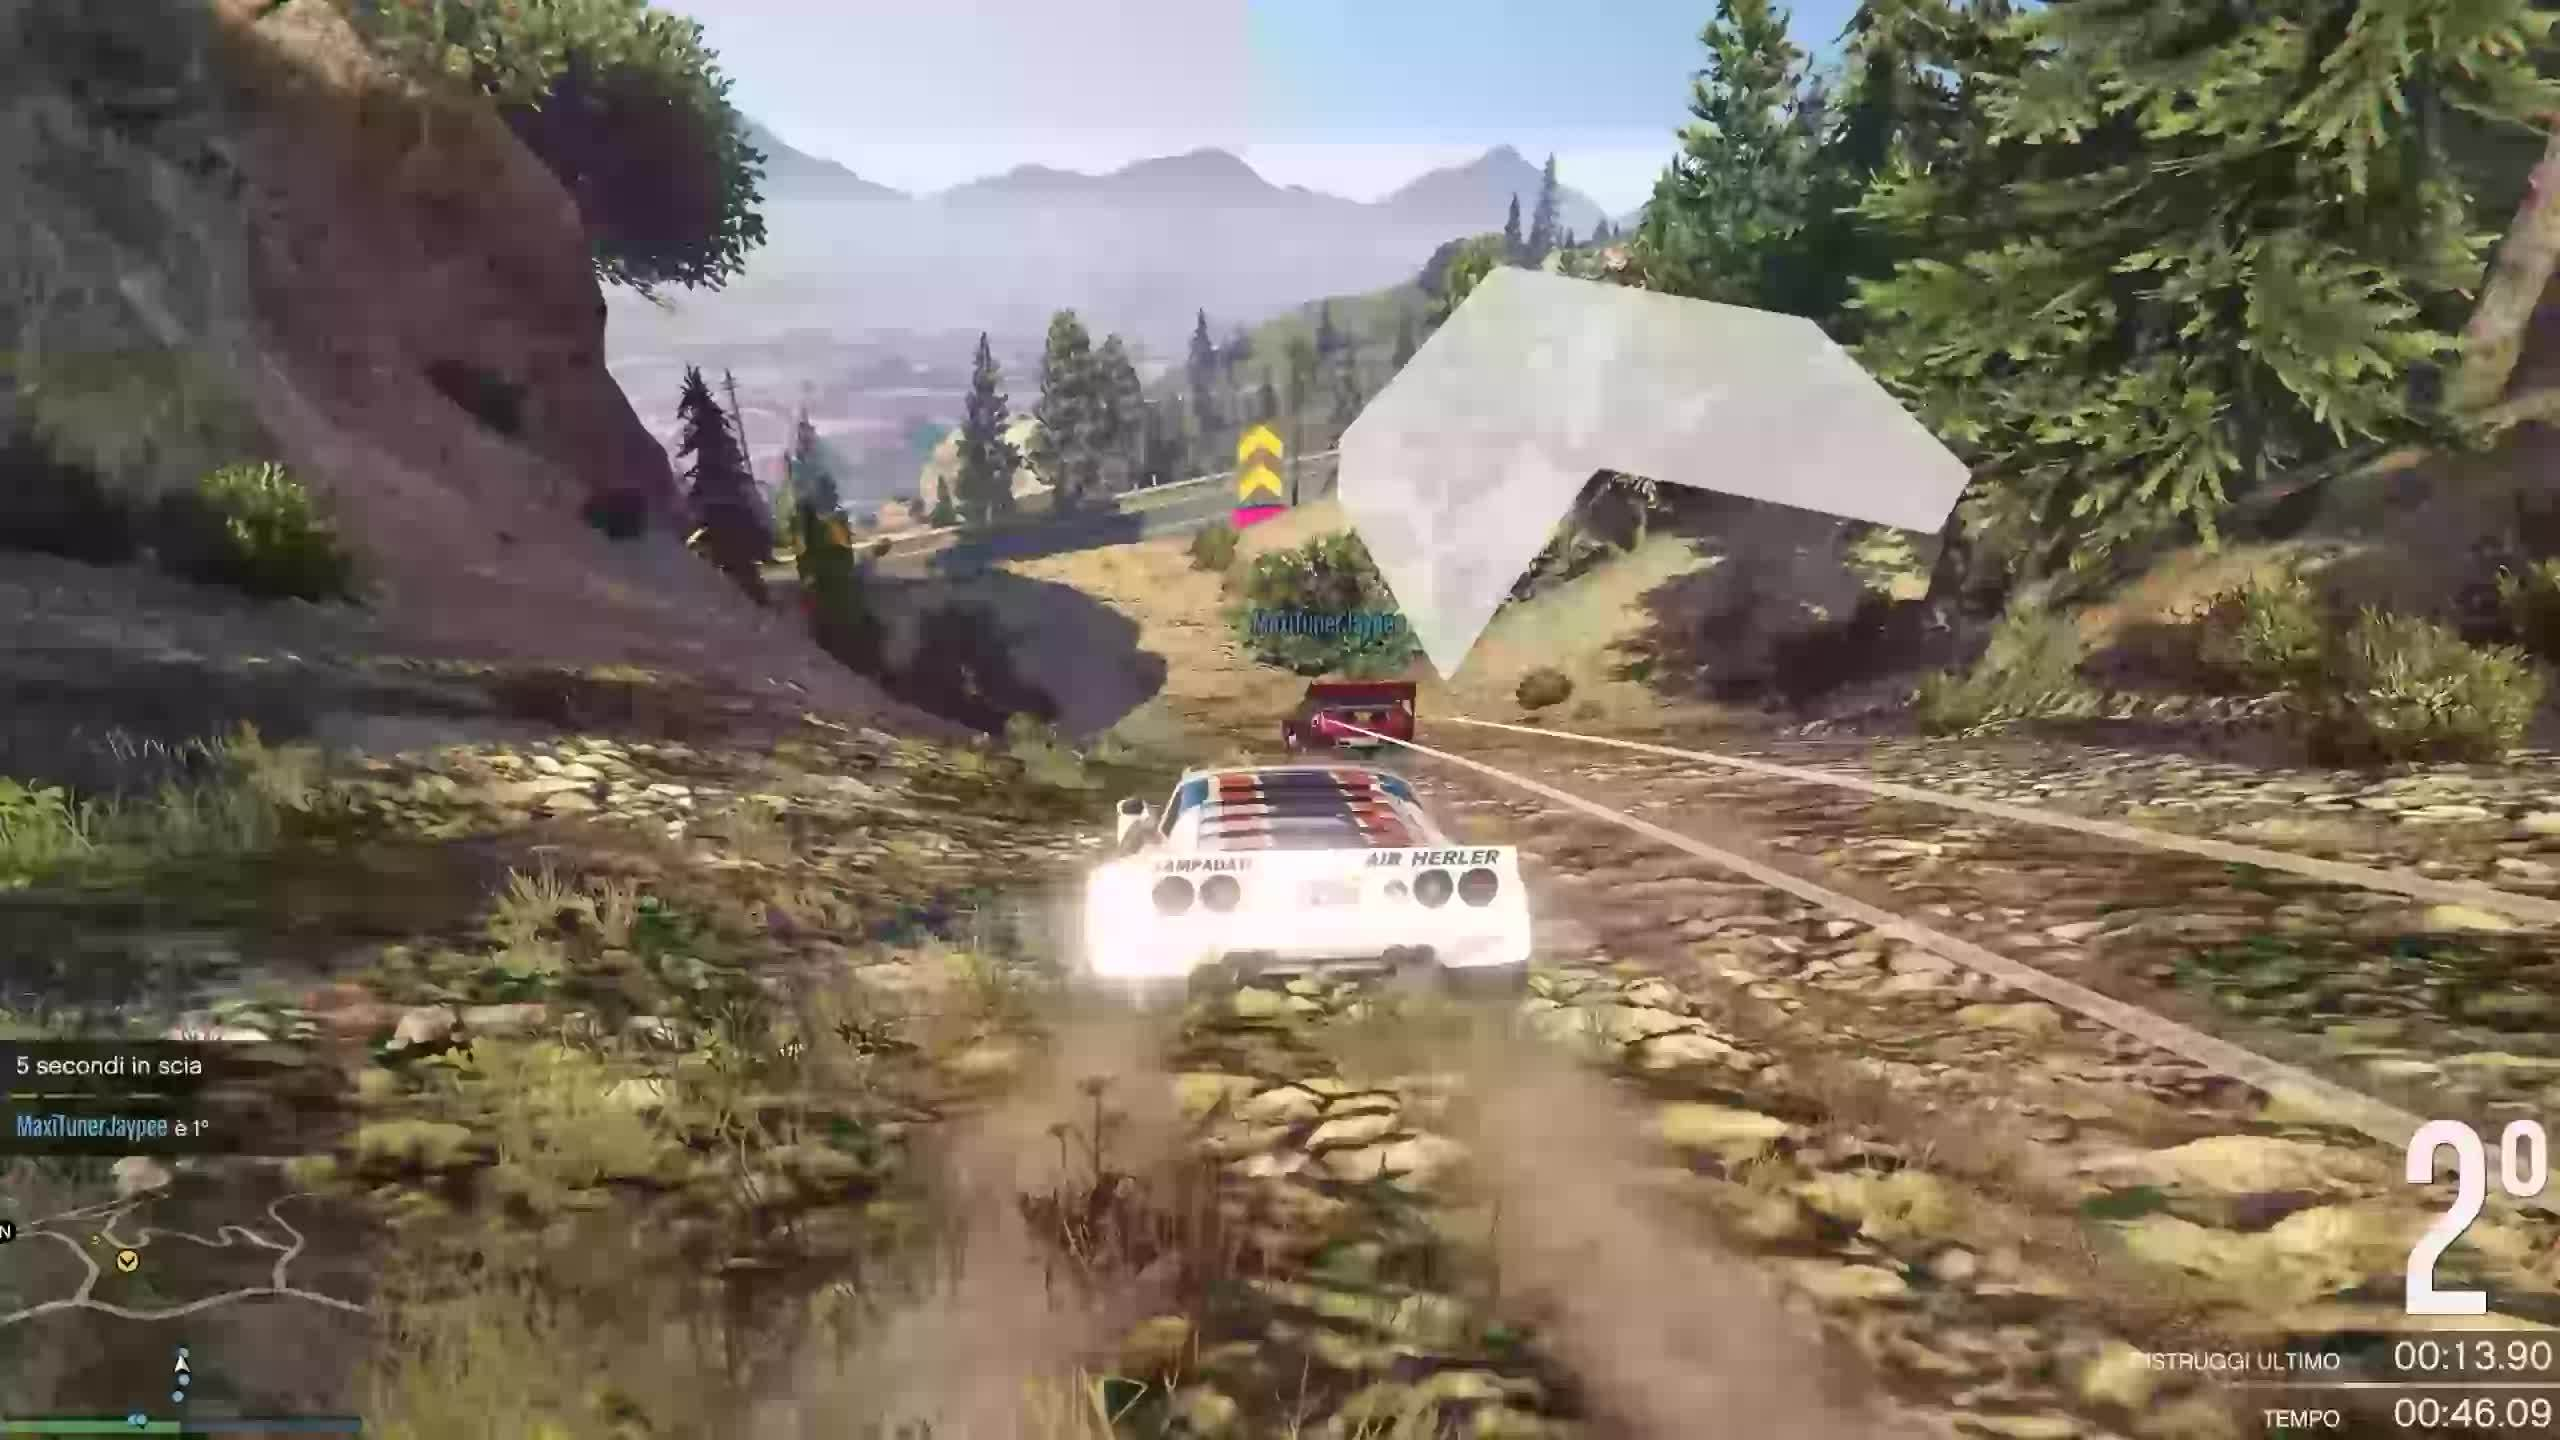 gta5 flip race GIFs